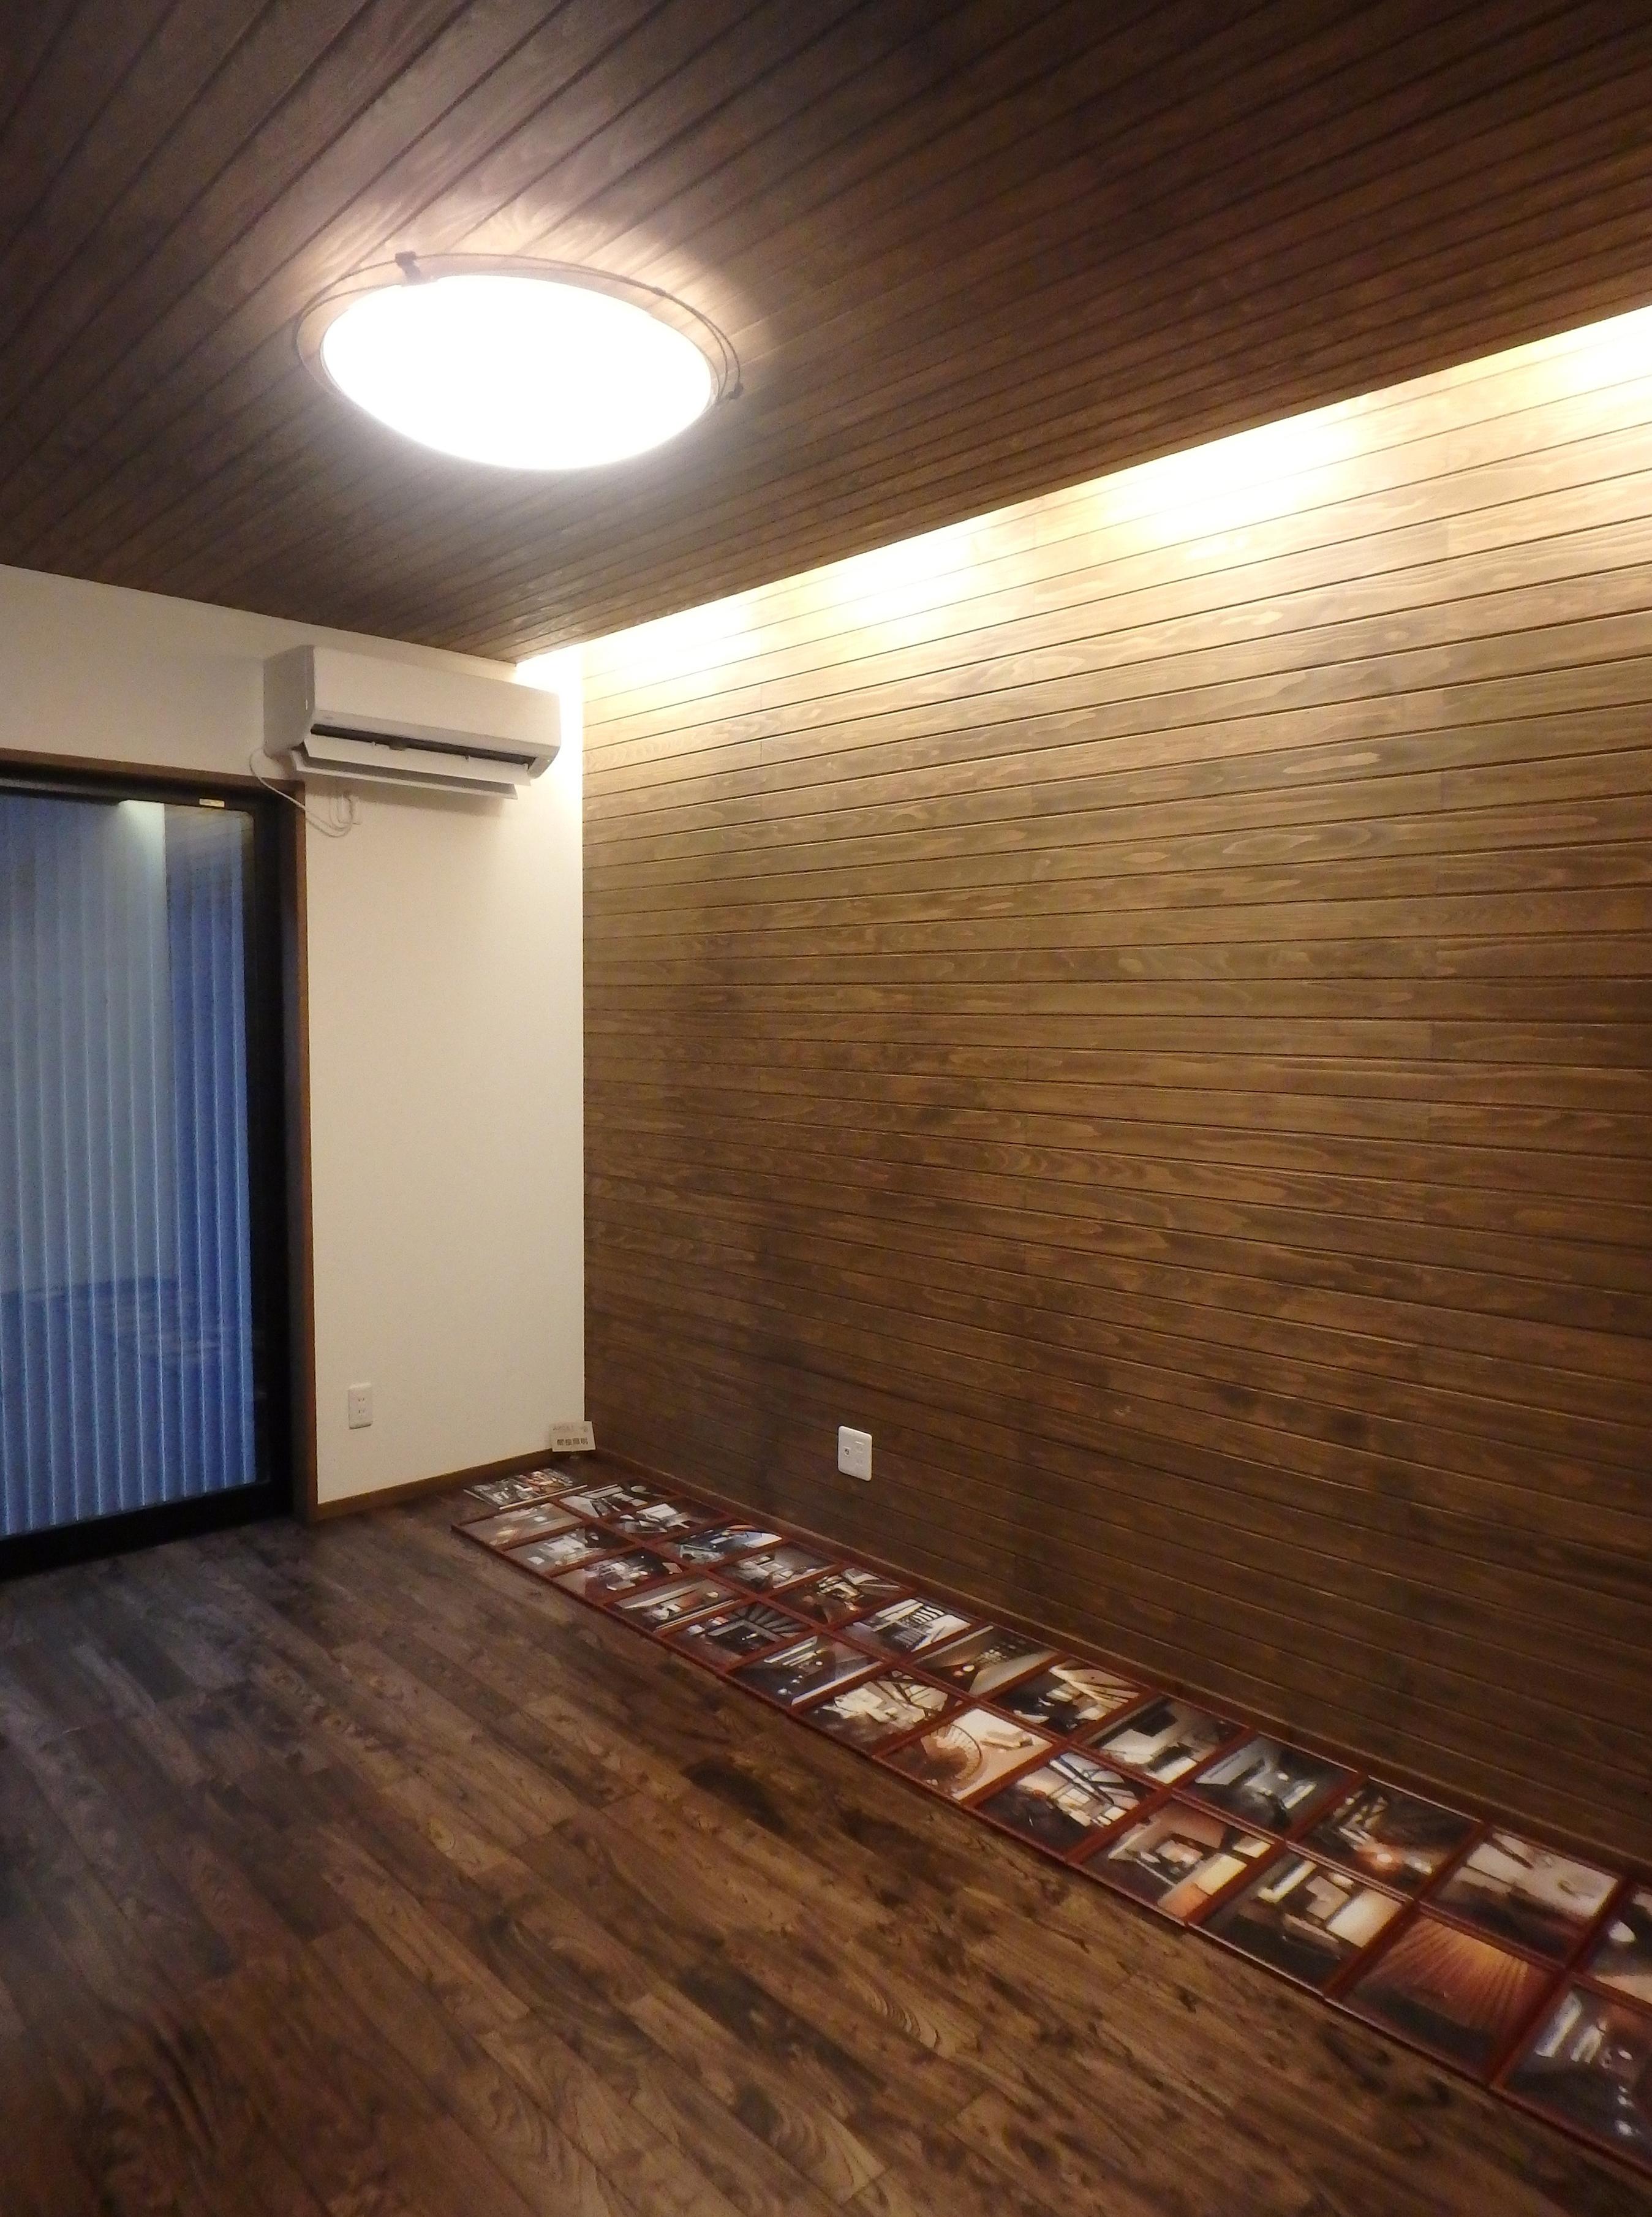 TDホーム静岡西 ウエストンホームズ【デザイン住宅、自然素材、平屋】寝室には大胆な間接照明を設置。床、壁、天井と自然素材のぬくもりを感じながらゆったりと寛げる